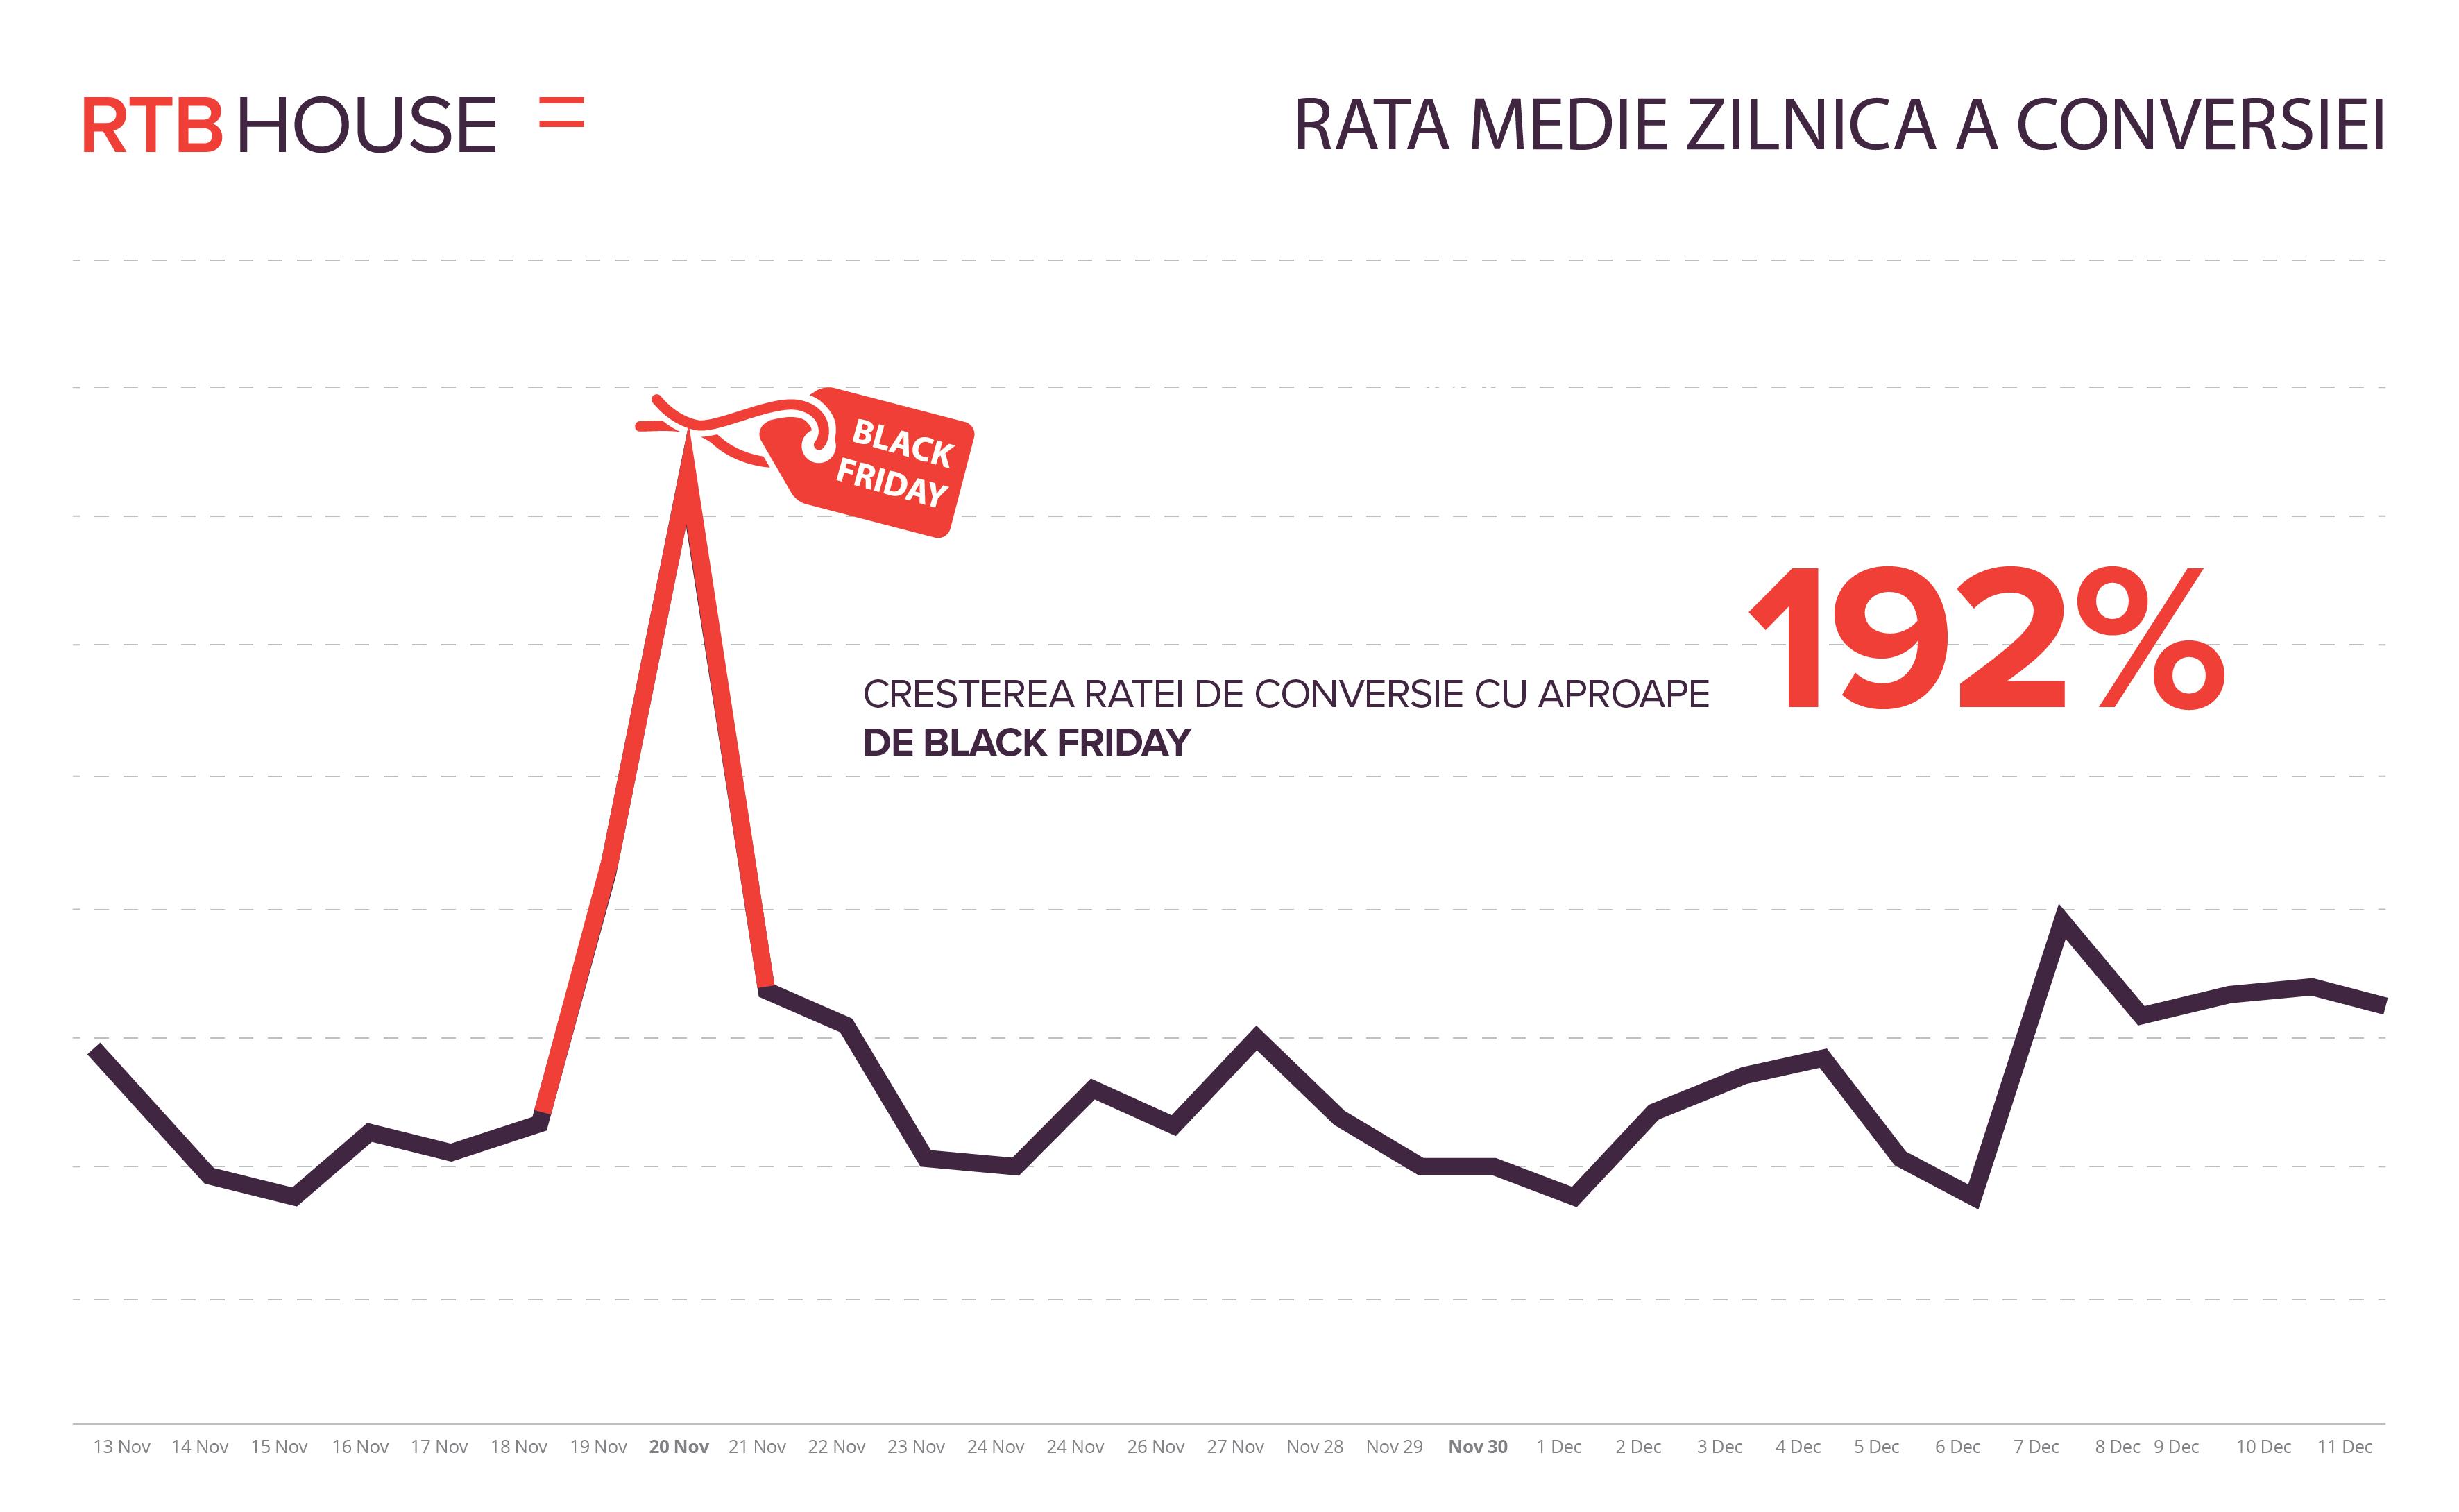 Romanii au afinitatea cea mai mare pentru Black Friday la nivel regional